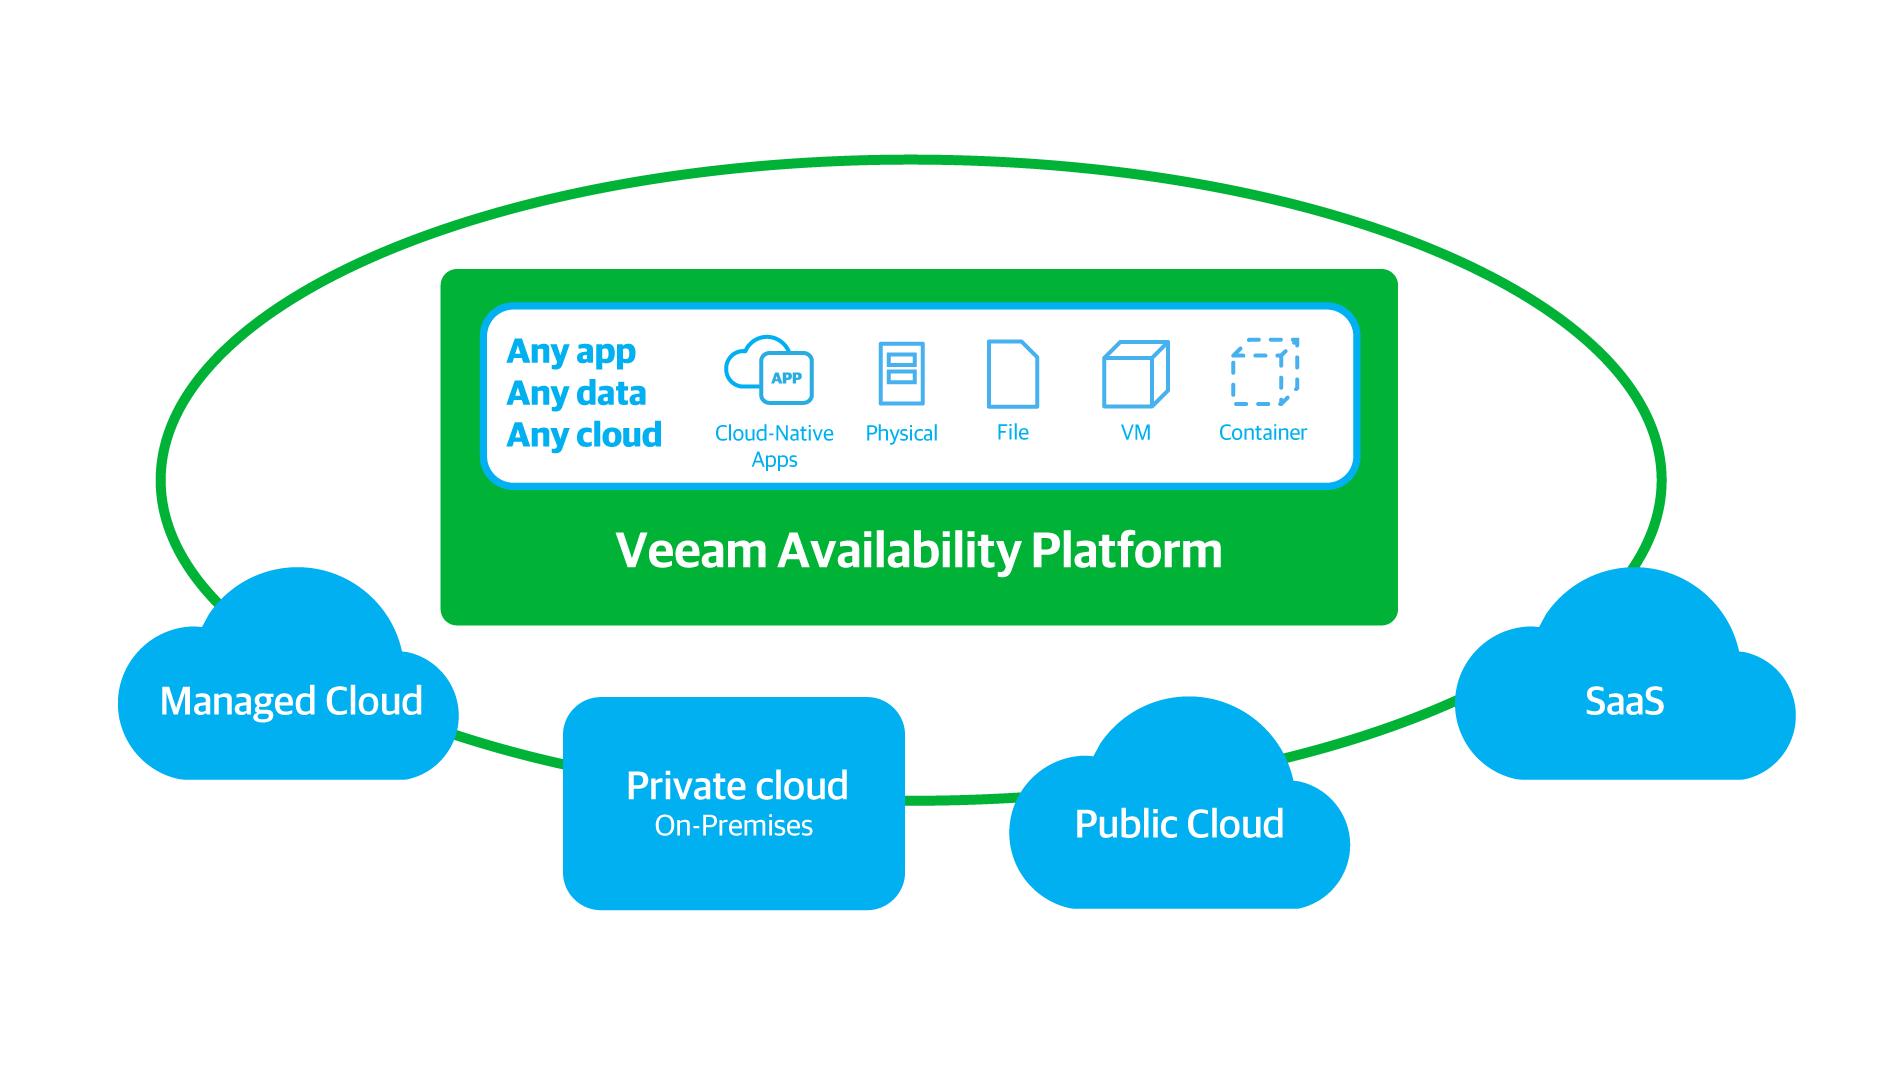 A nova geração de disponibilidade para cargas de trabalho virtuais, físicas e baseadas na nuvem a fim de habilitar a corporação em operação constante.